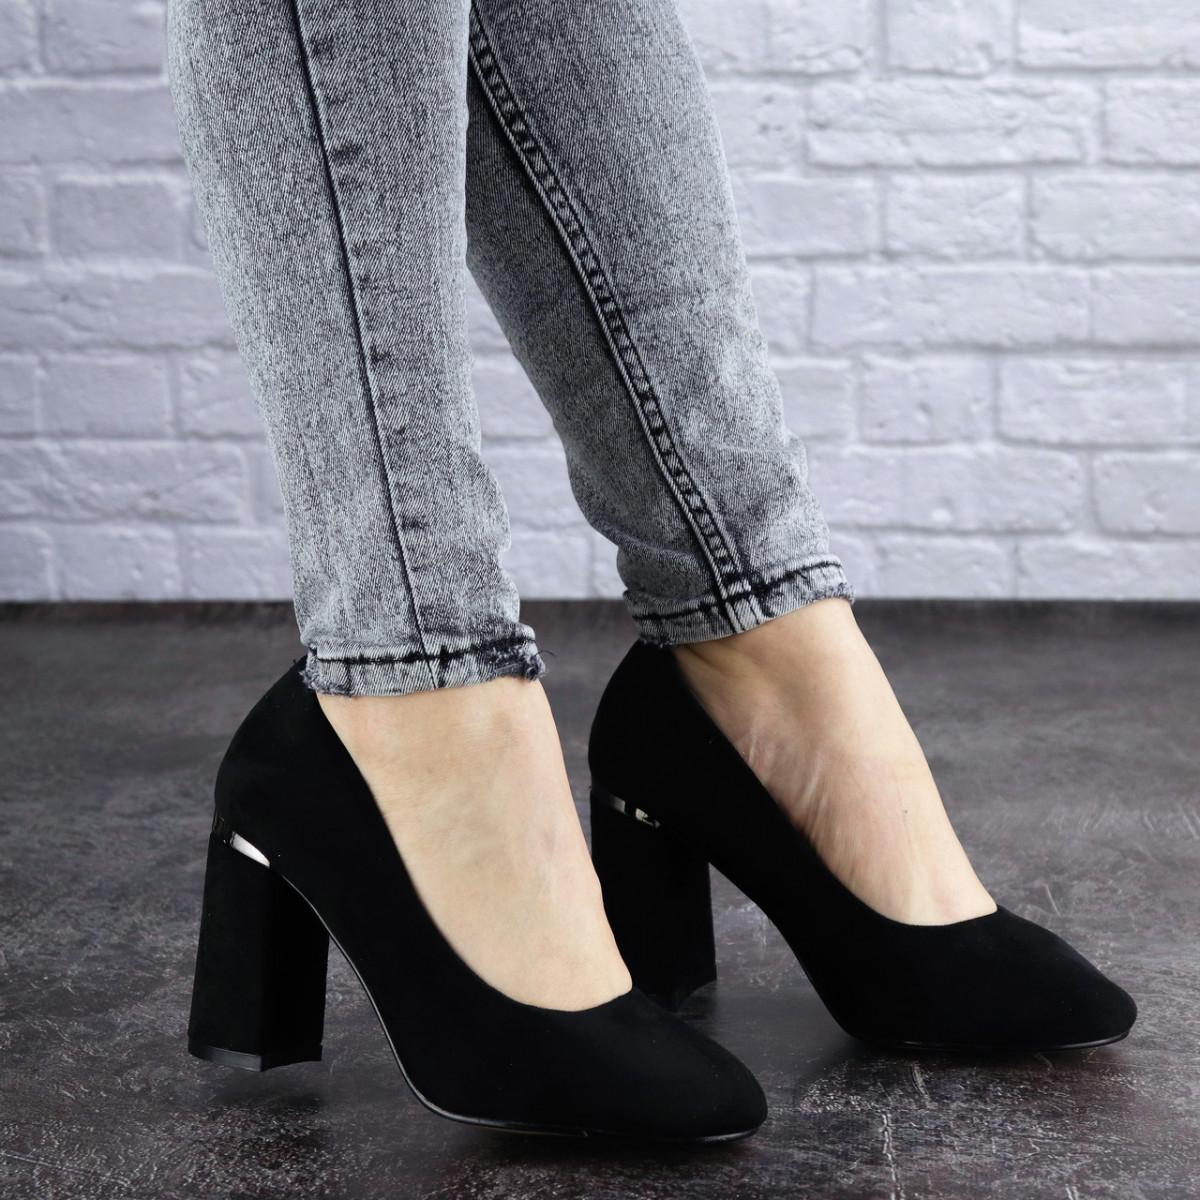 Жіночі туфлі на підборах Fashion Potter 2004 36 розмір, 23,5 см Чорний